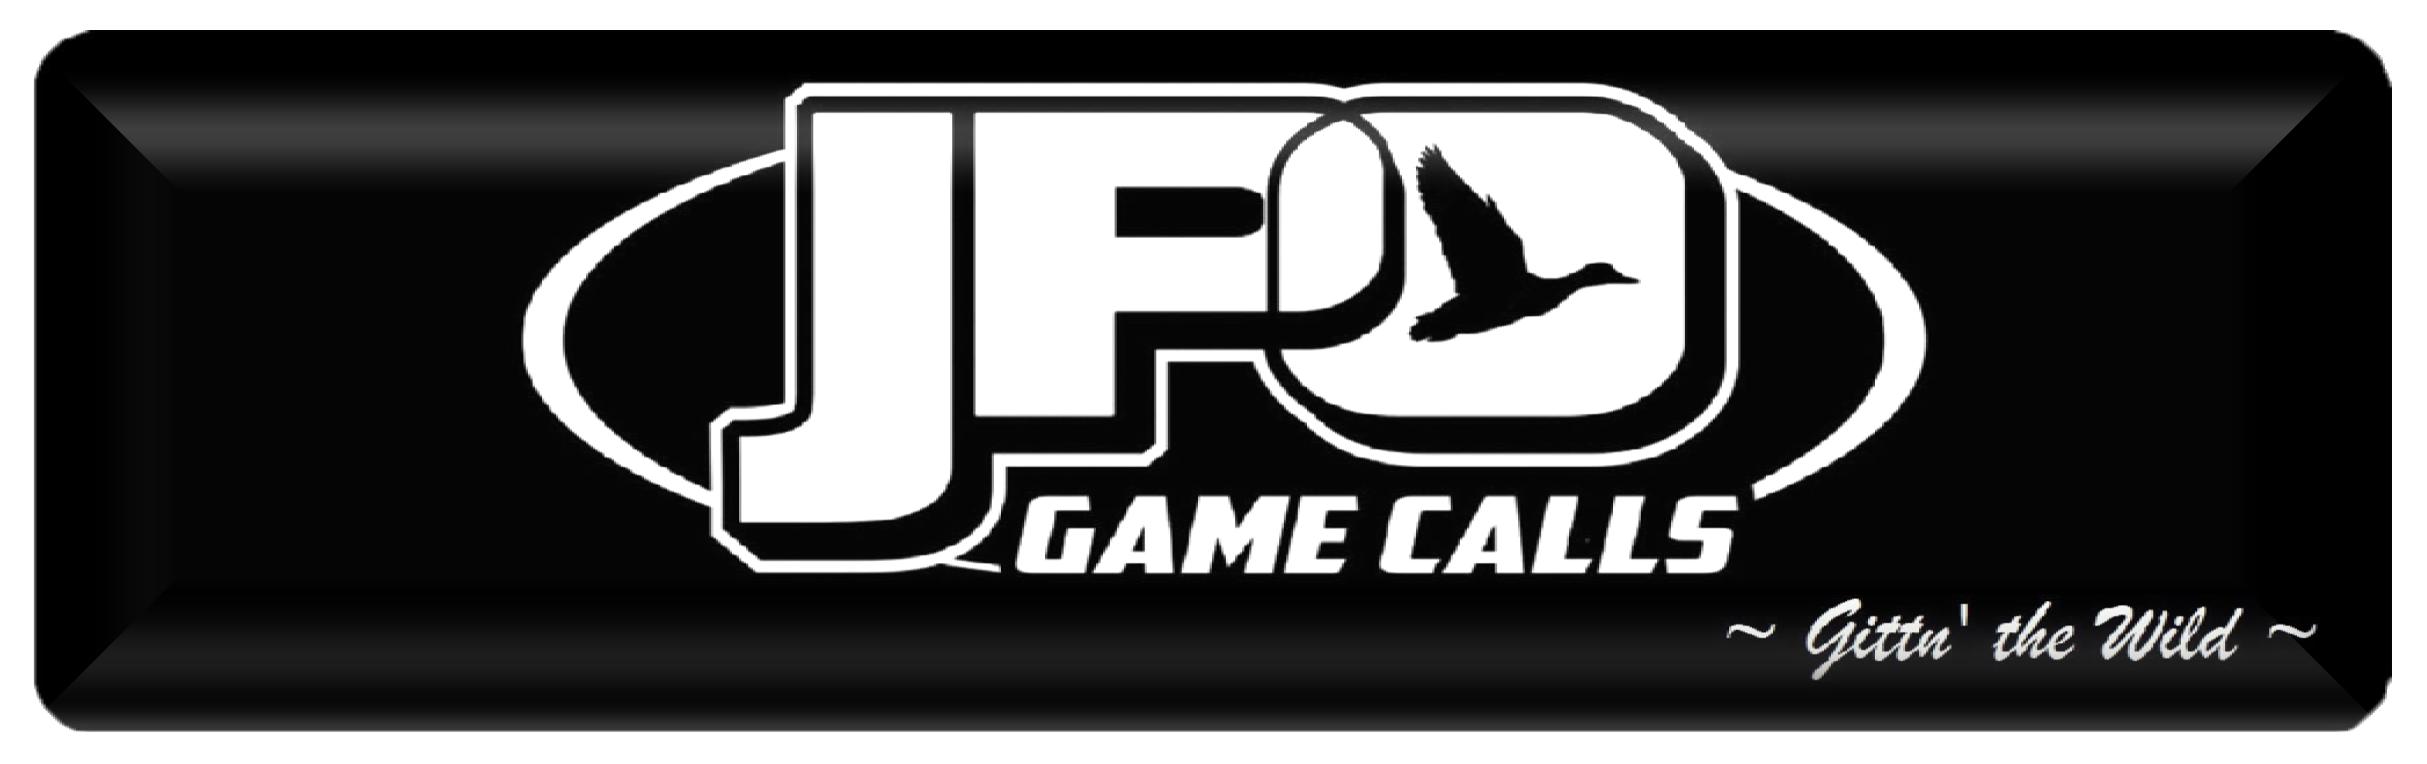 JPO Game Calls